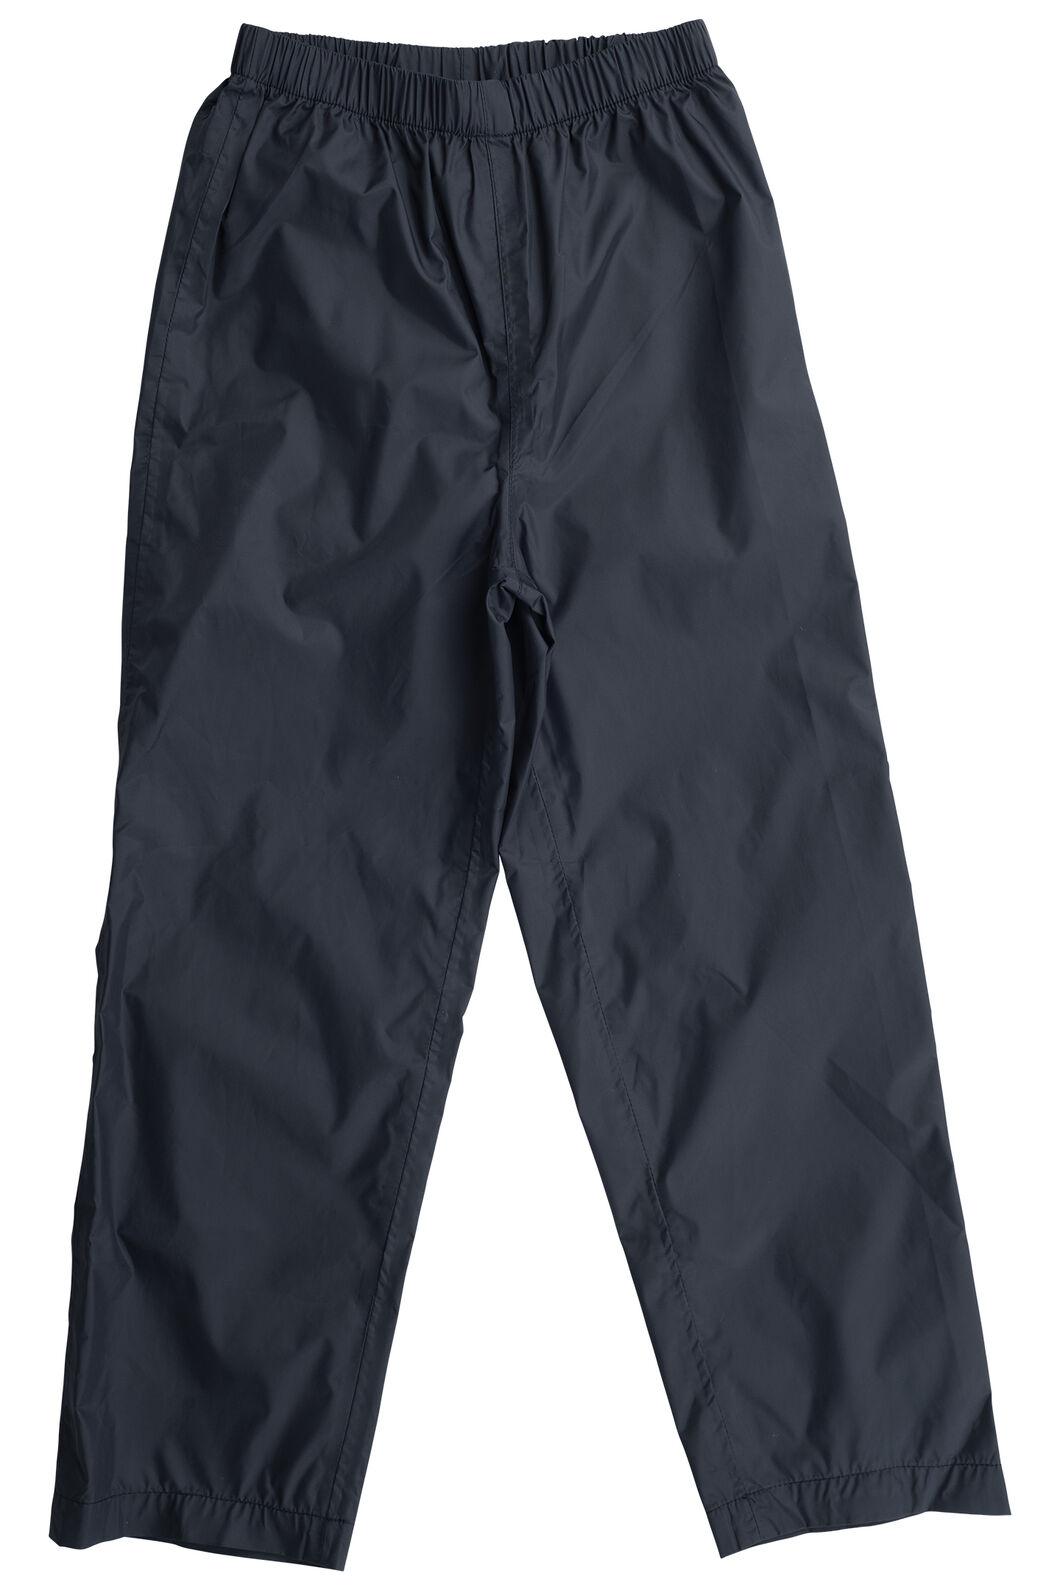 Macpac Kids' Pack-It Pants, Black, hi-res